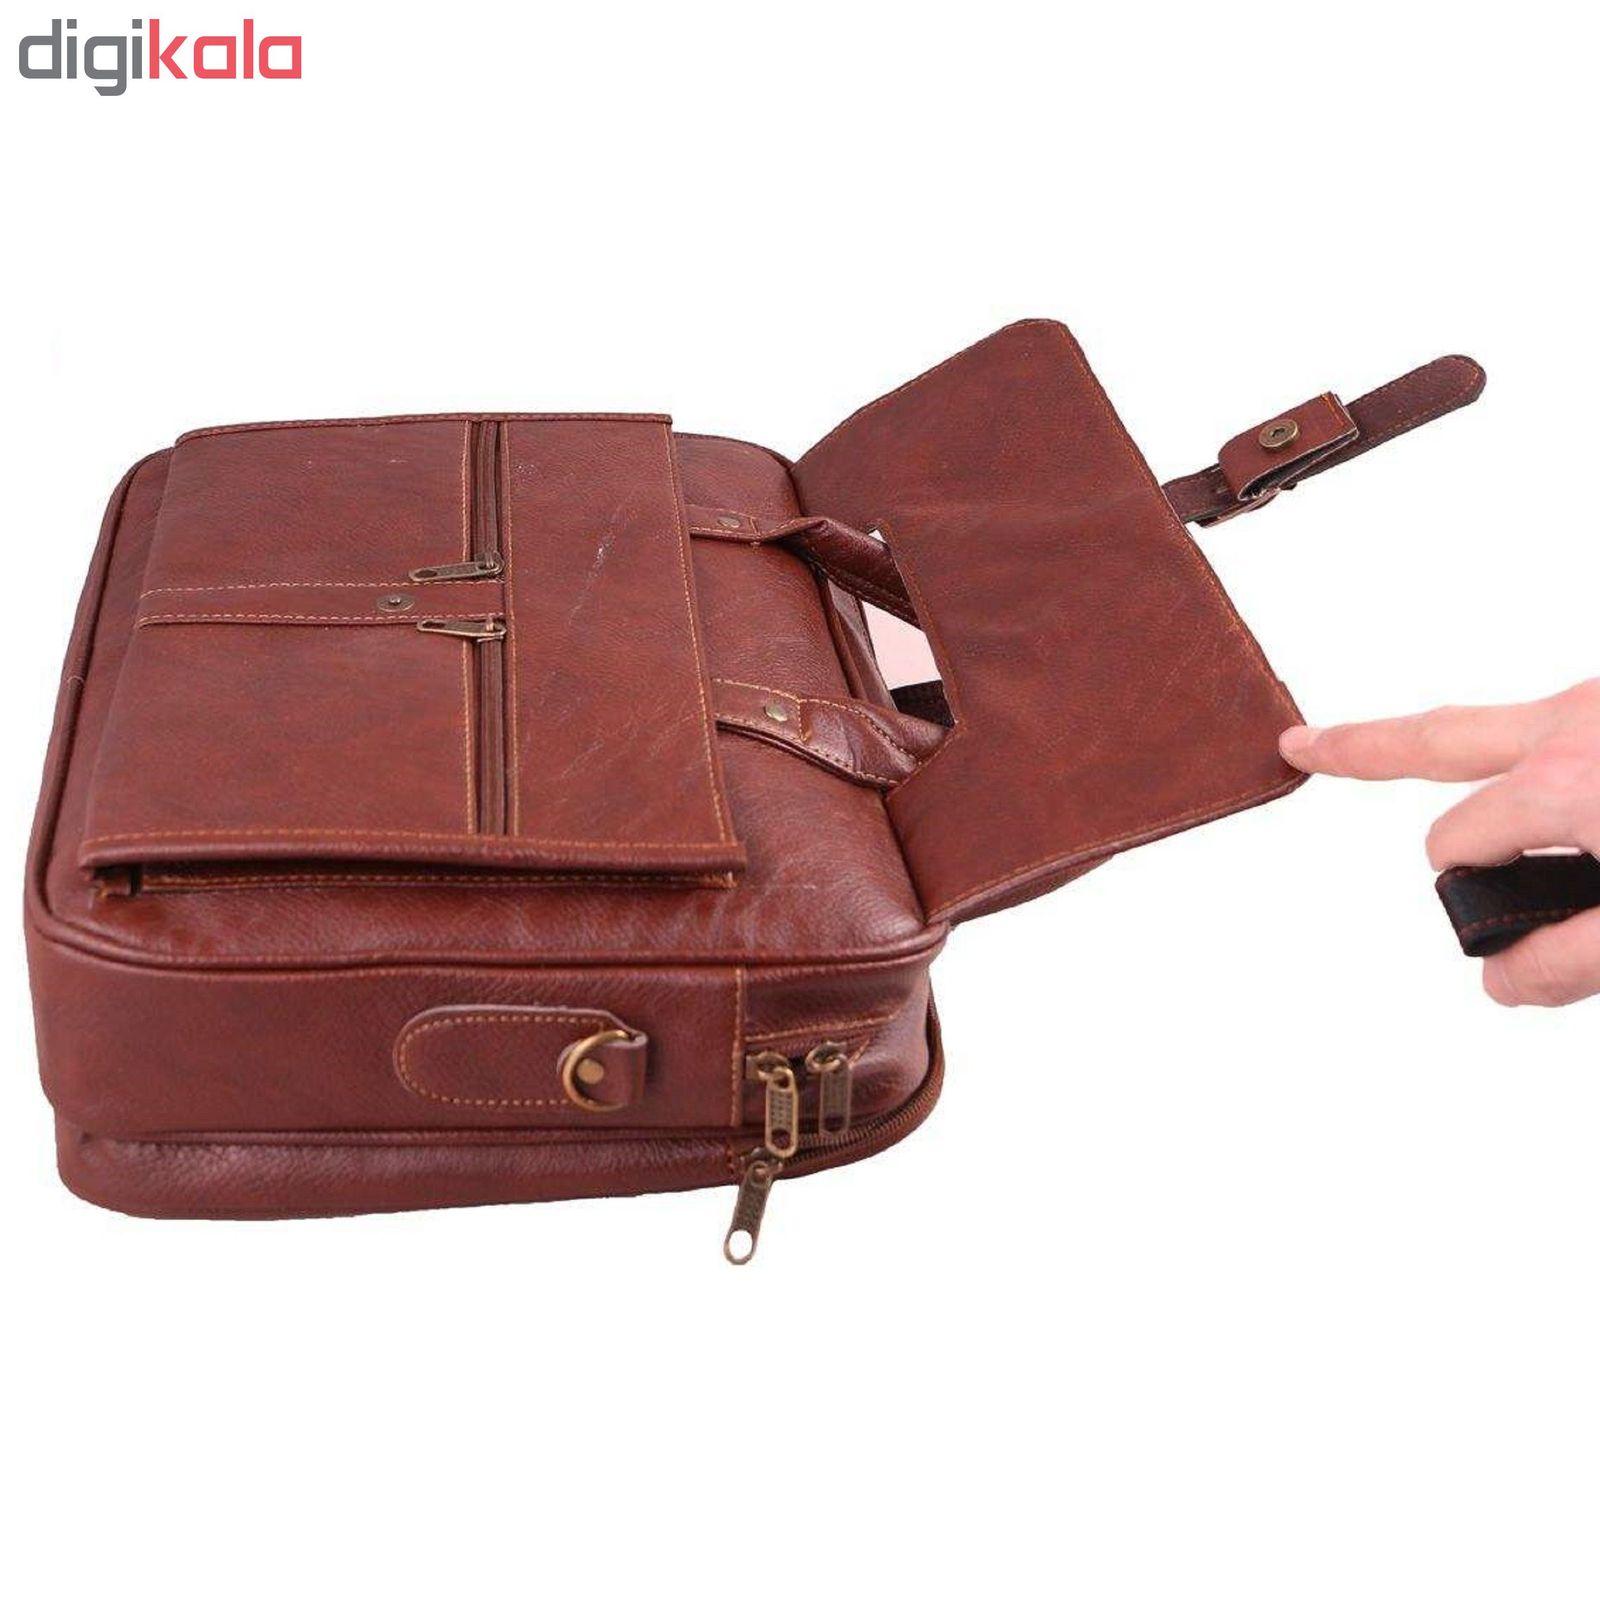 کیف لپ تاپ پارینه کد TGH132 مناسب برای لپ تاپ 15 اینچی main 1 7